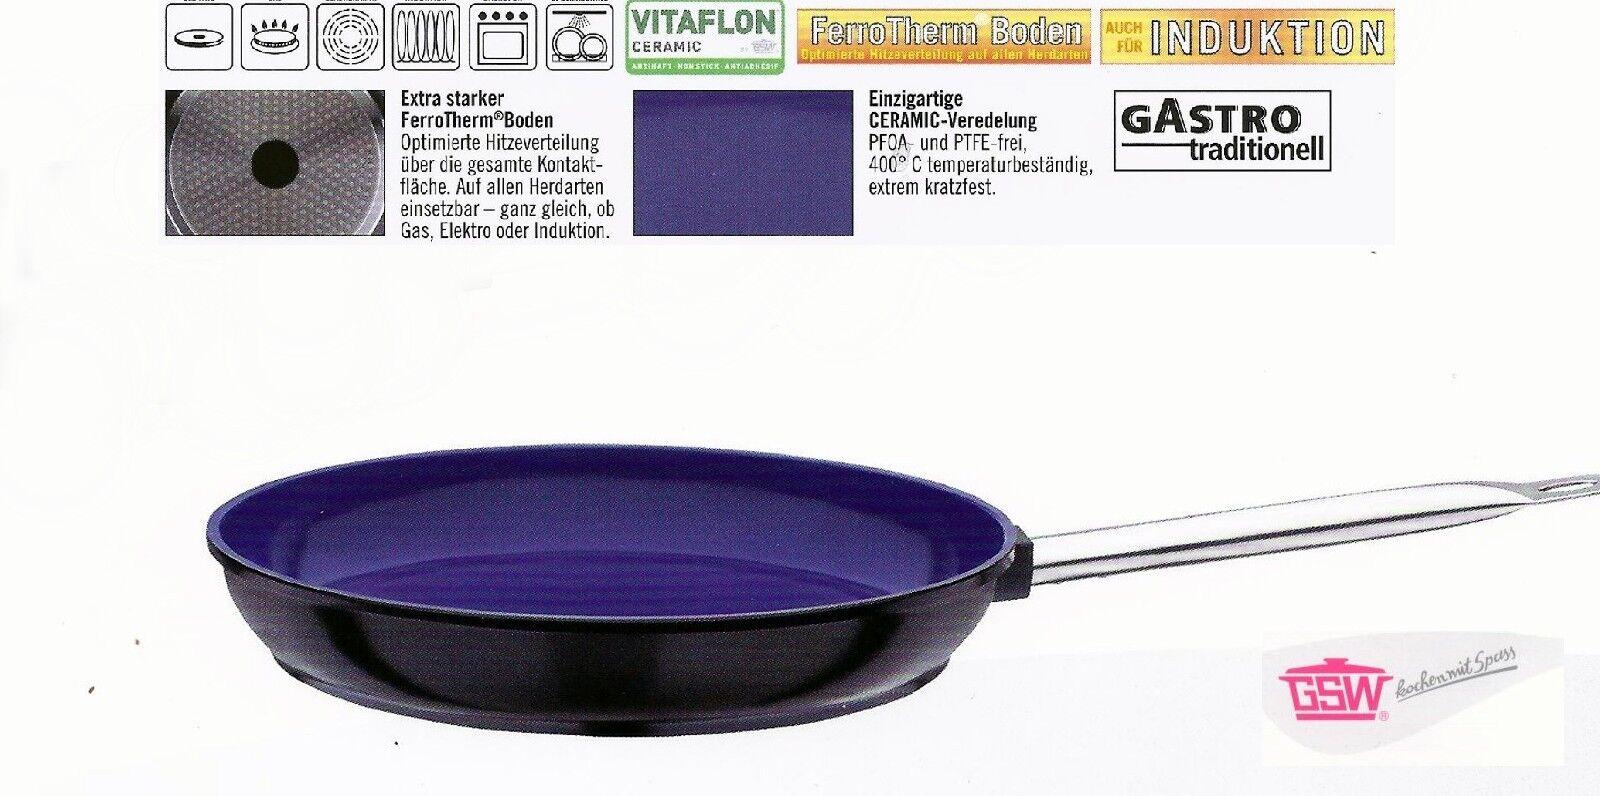 Bratpfanne Pfanne Ceramica 24cm Gastro Aluguss Antihaft Induktion GSW - 160612